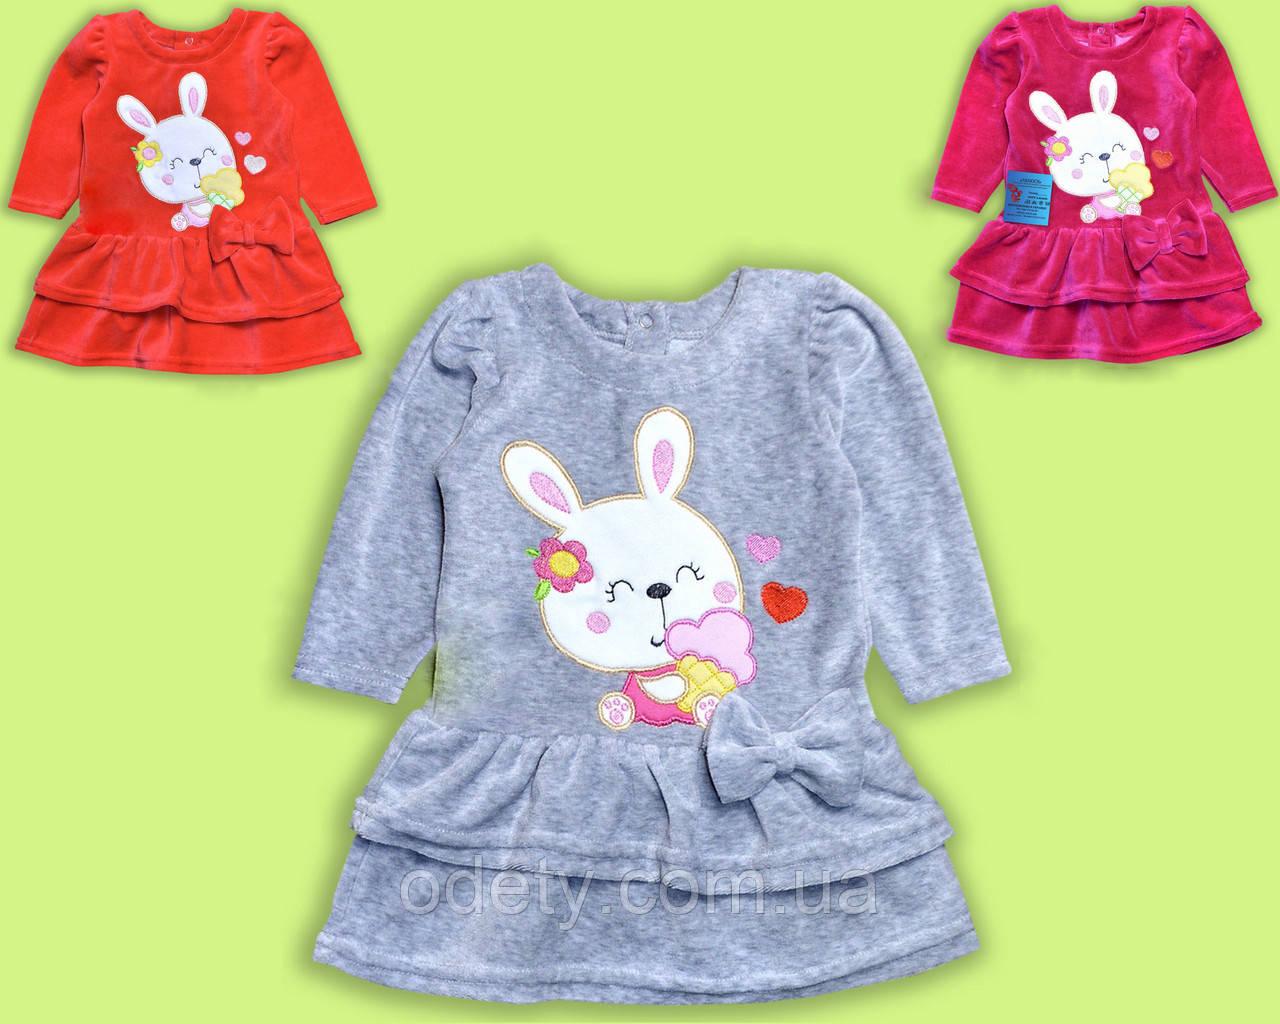 8ac6b7d89b4 Велюровое платье для девочки. Повседневное платьице для девочки. Теплое  платьице для девочки. -